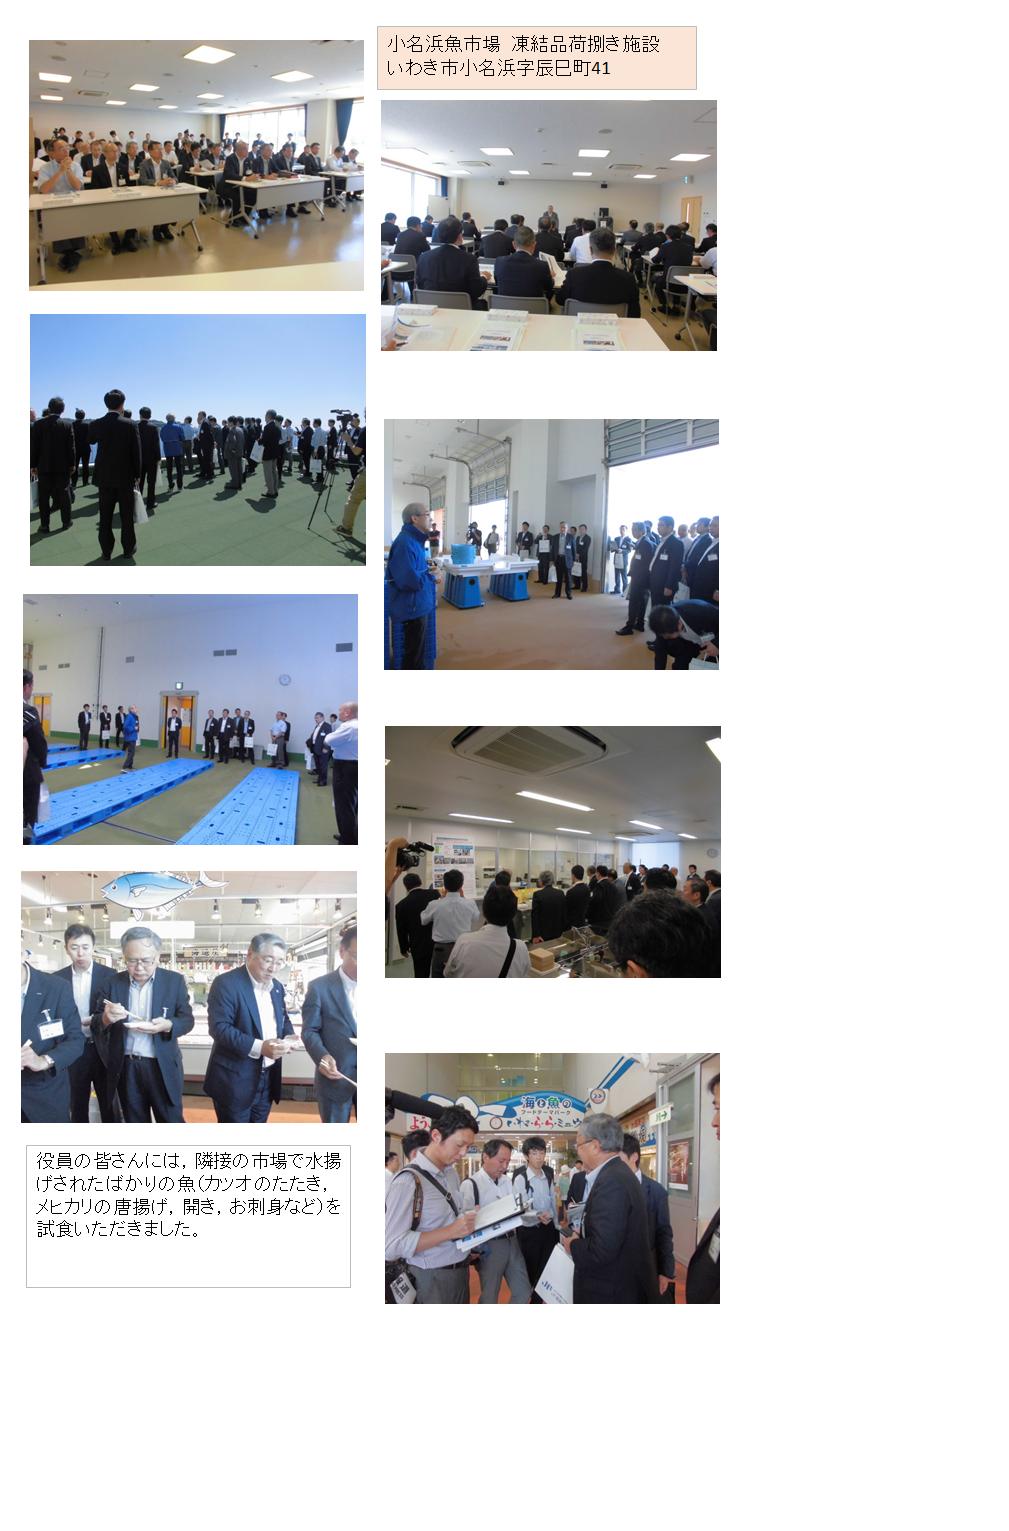 20170909_視察_2.png